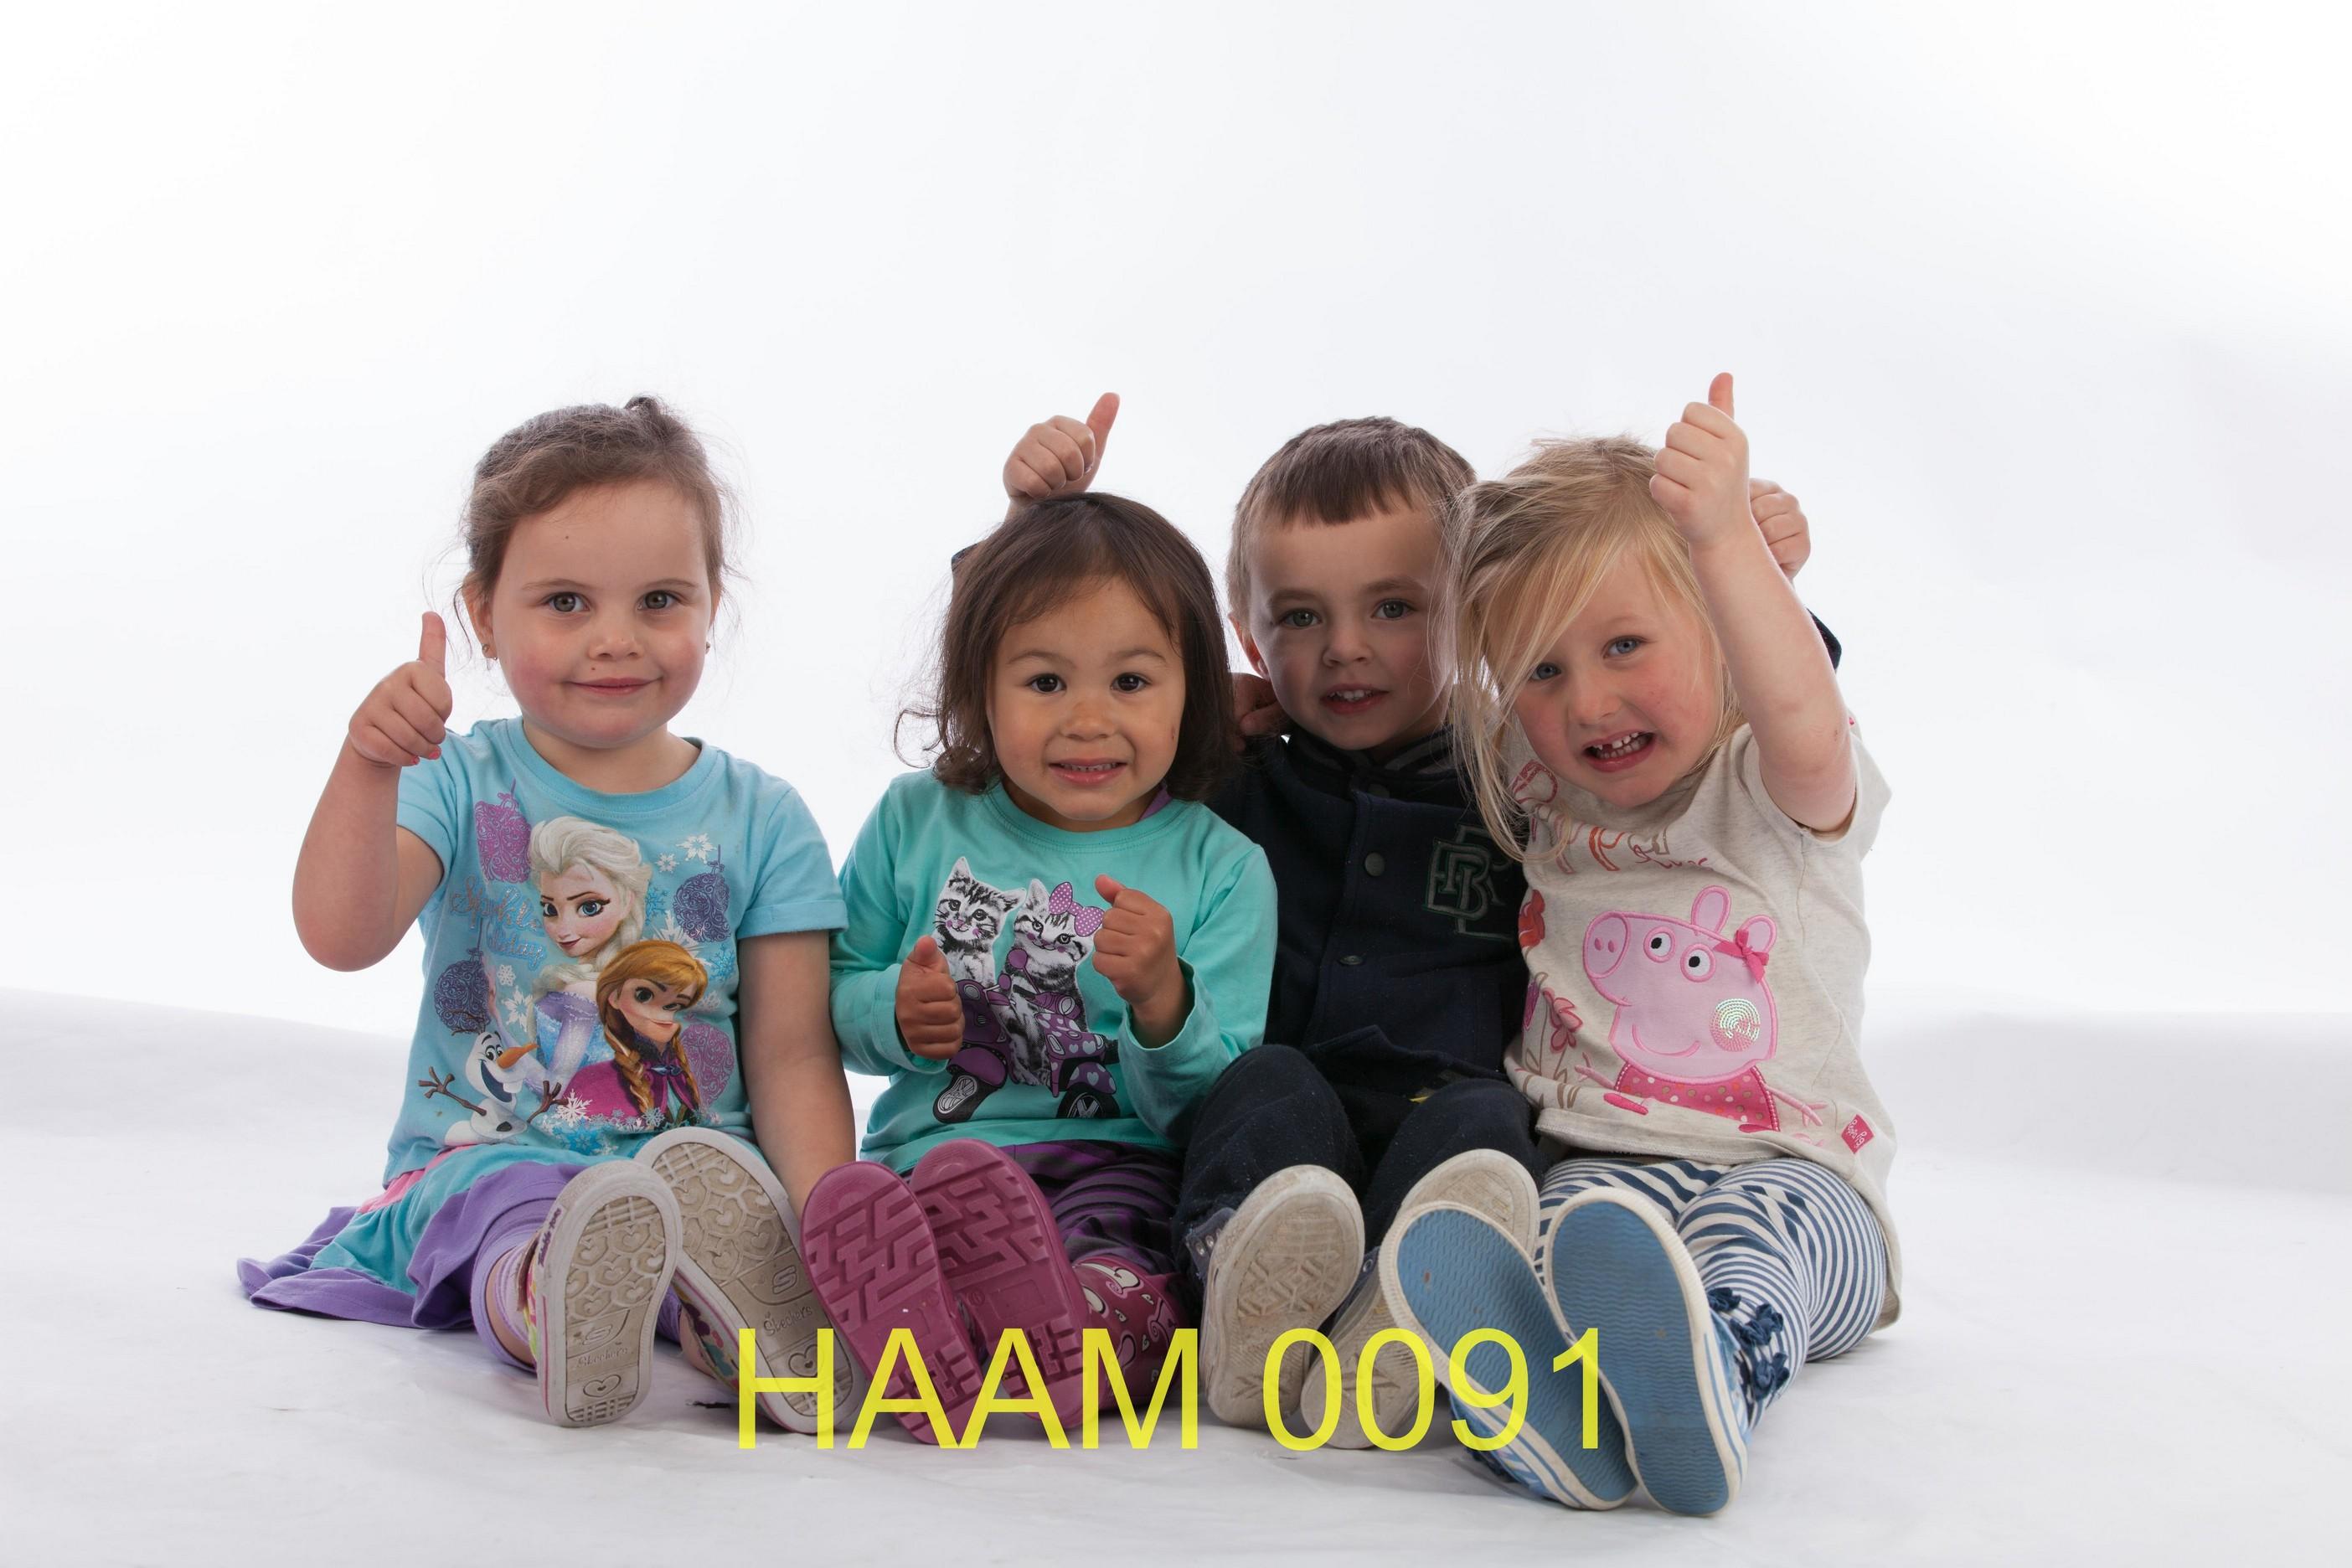 HAAM 0091